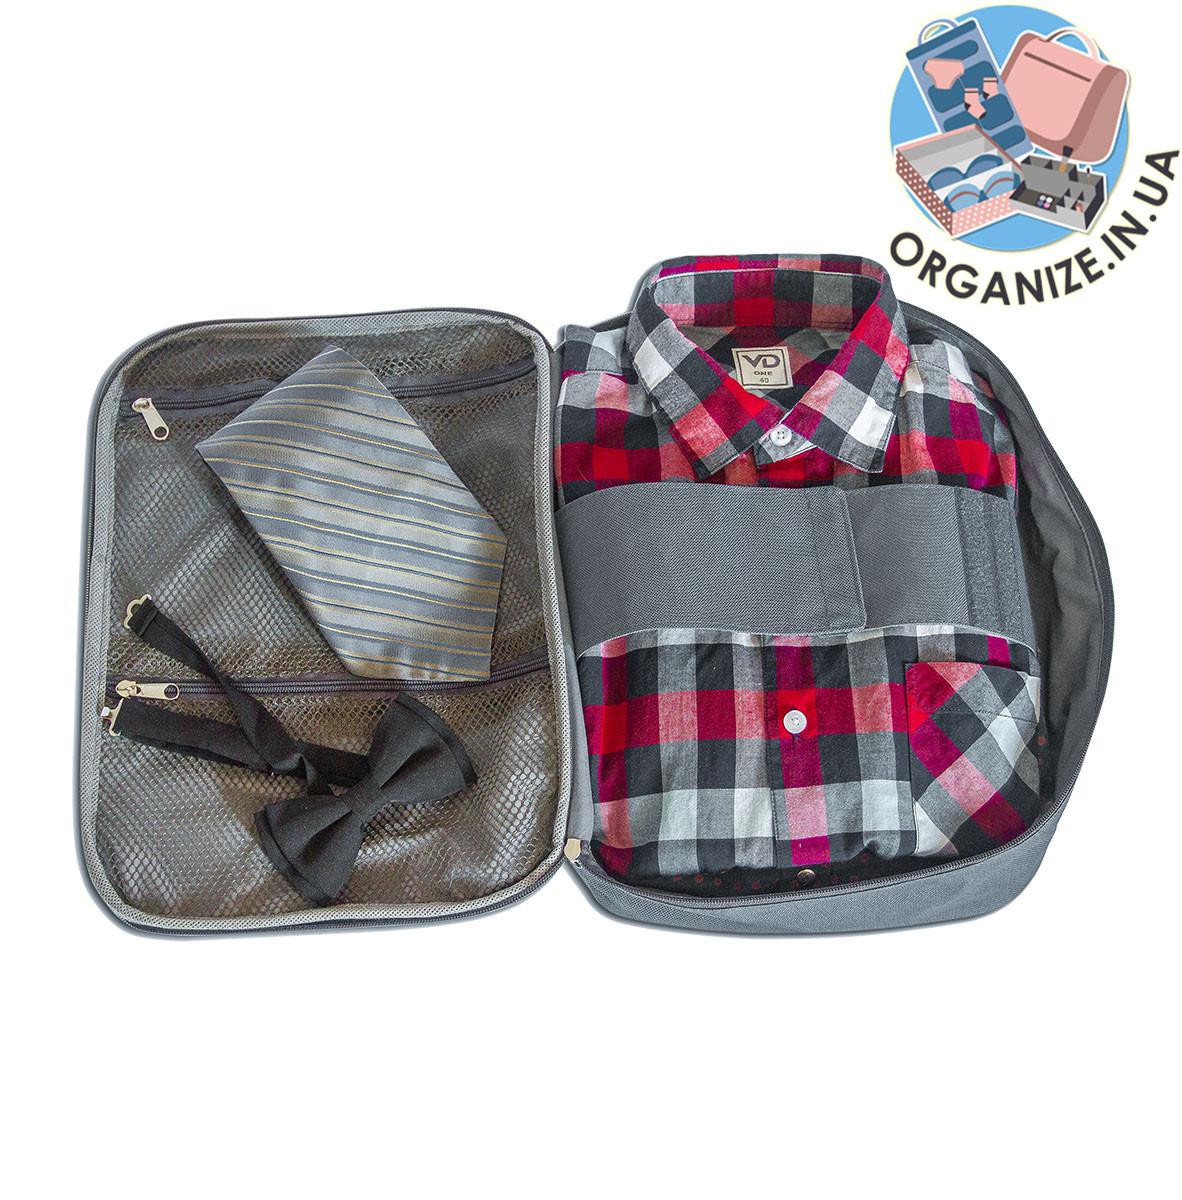 Органайзер для рубашек на 3 шт / для путешествий ORGANIZE (серый)